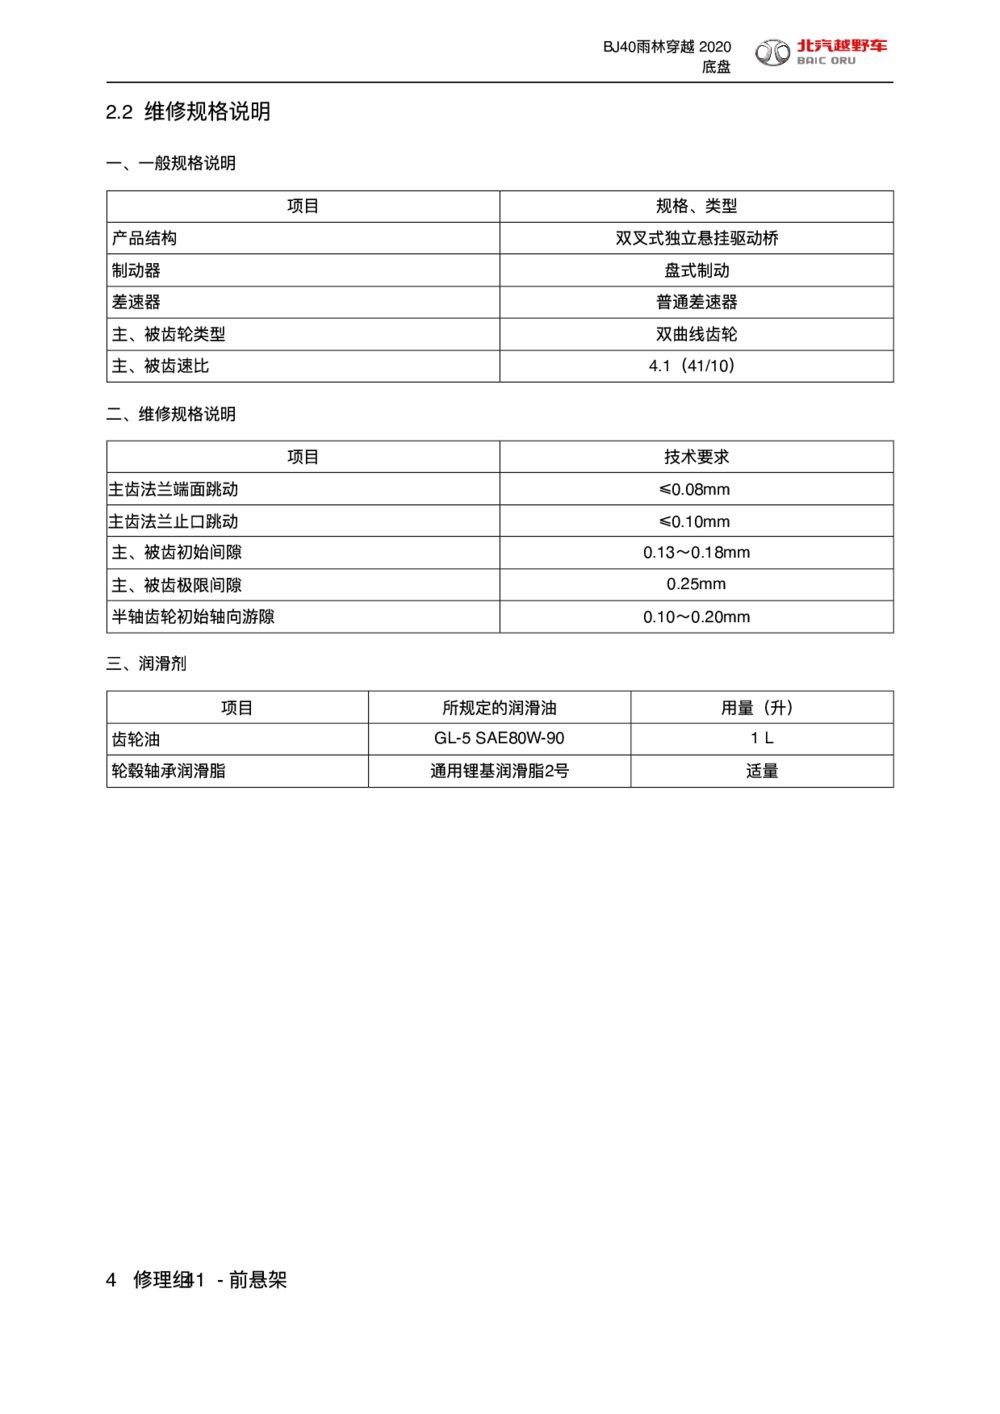 2020款北京BJ40前桥总成维修规格说明